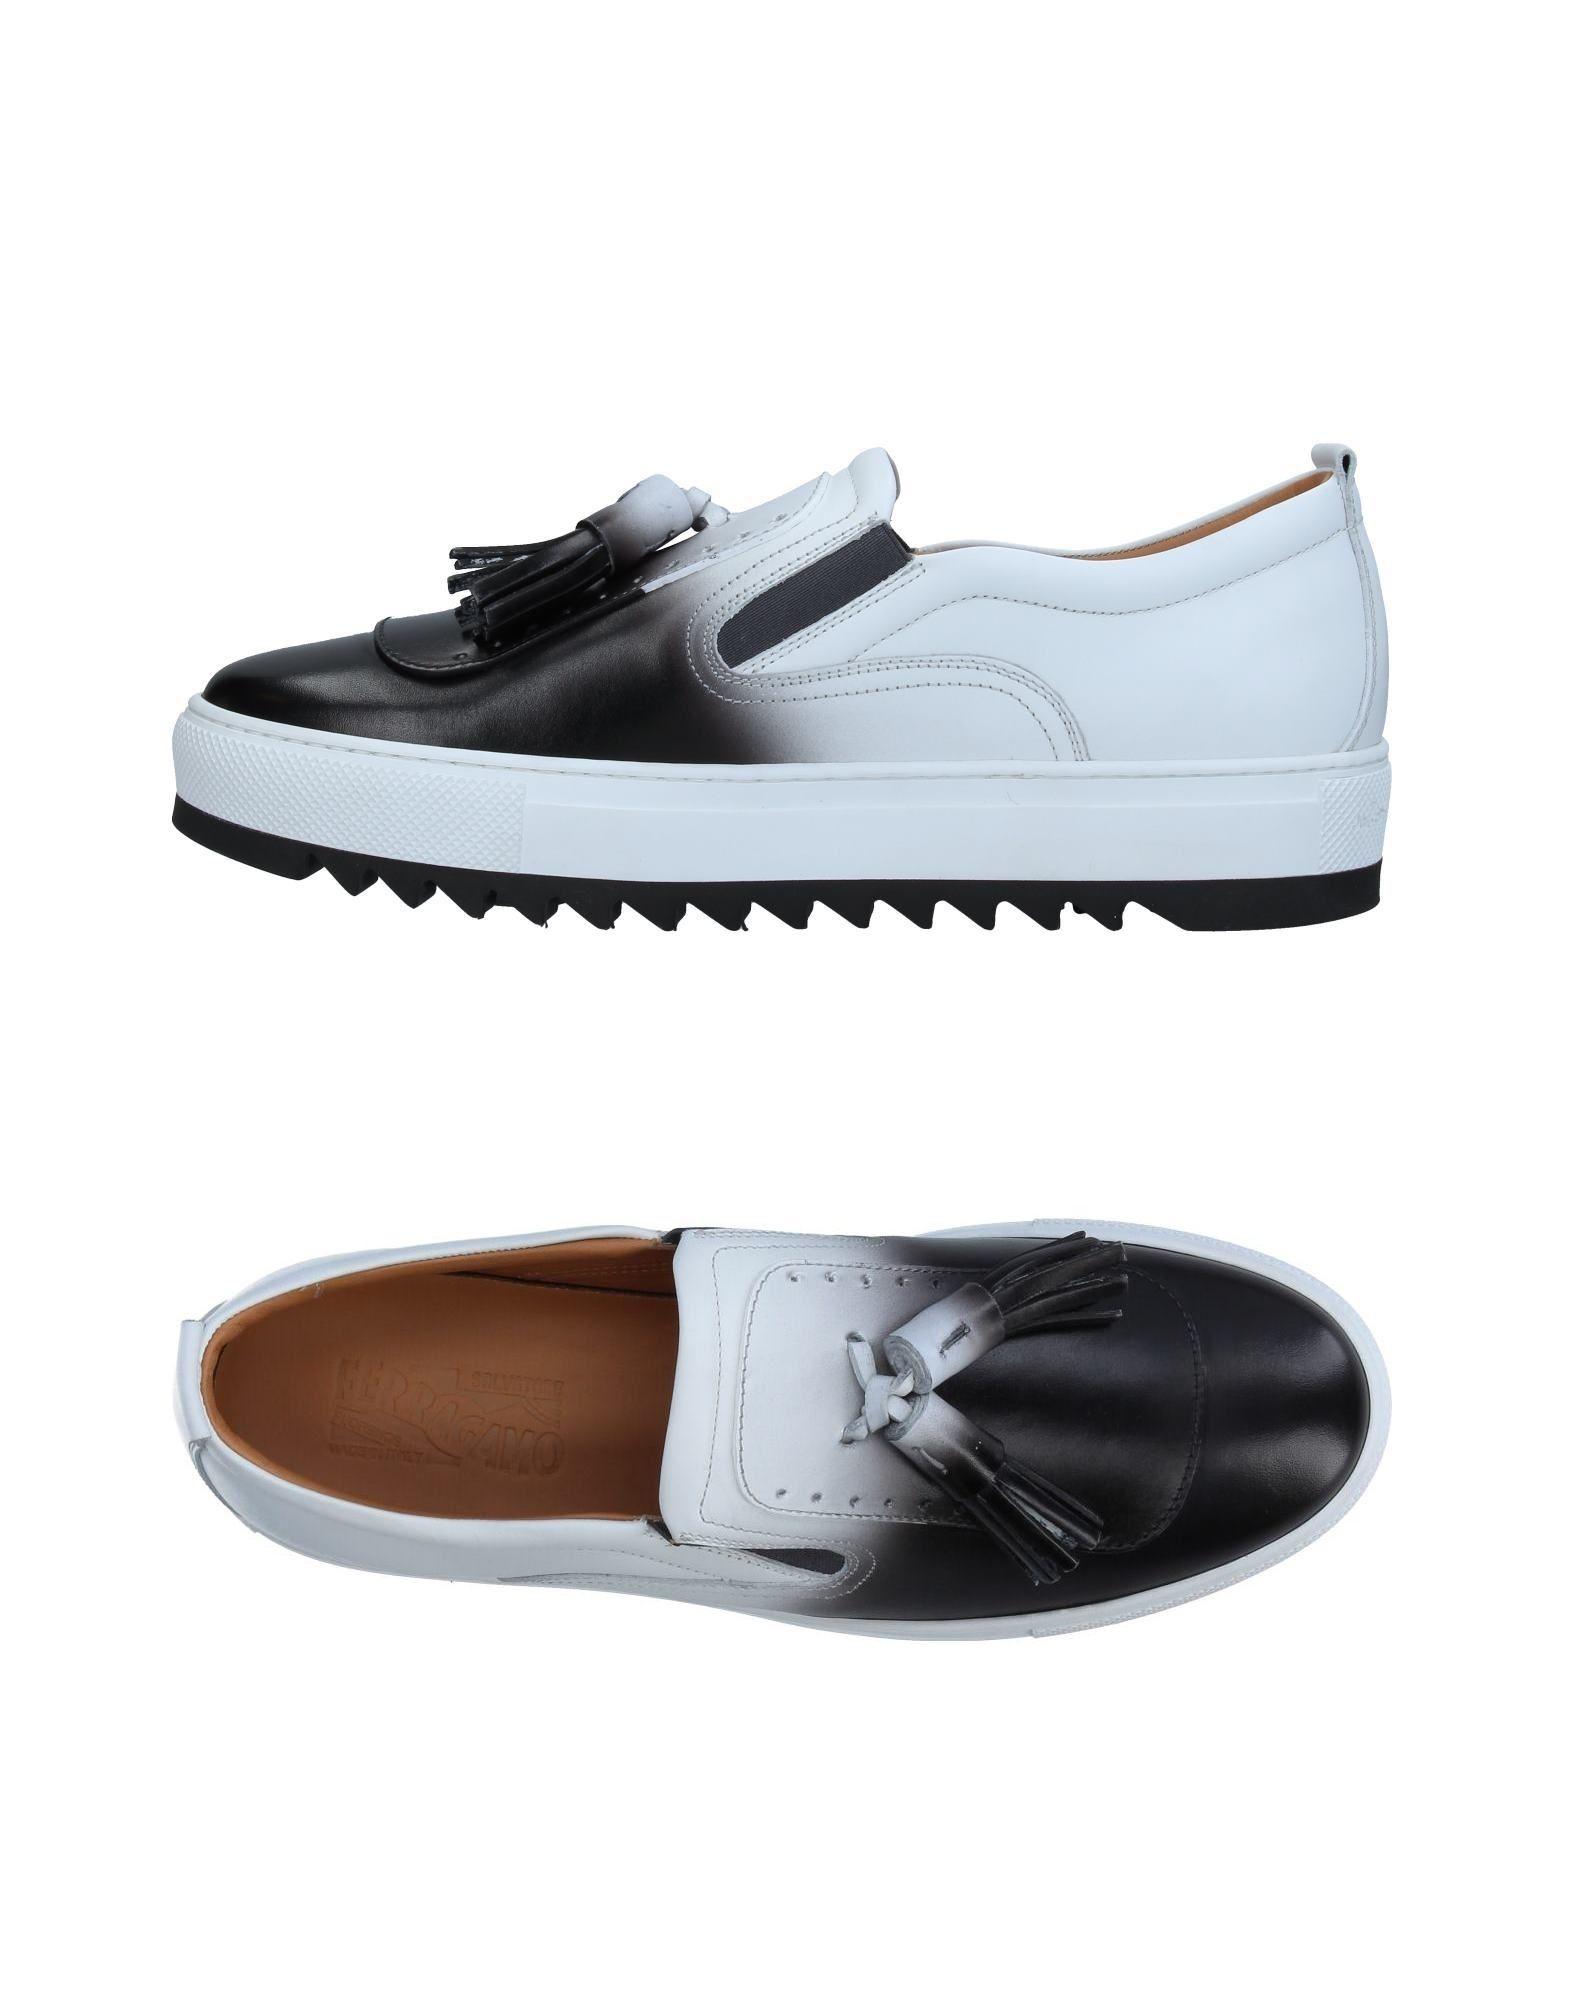 Salvatore Ferragamo Mokassins Herren  11356946GW Gute Qualität beliebte Schuhe